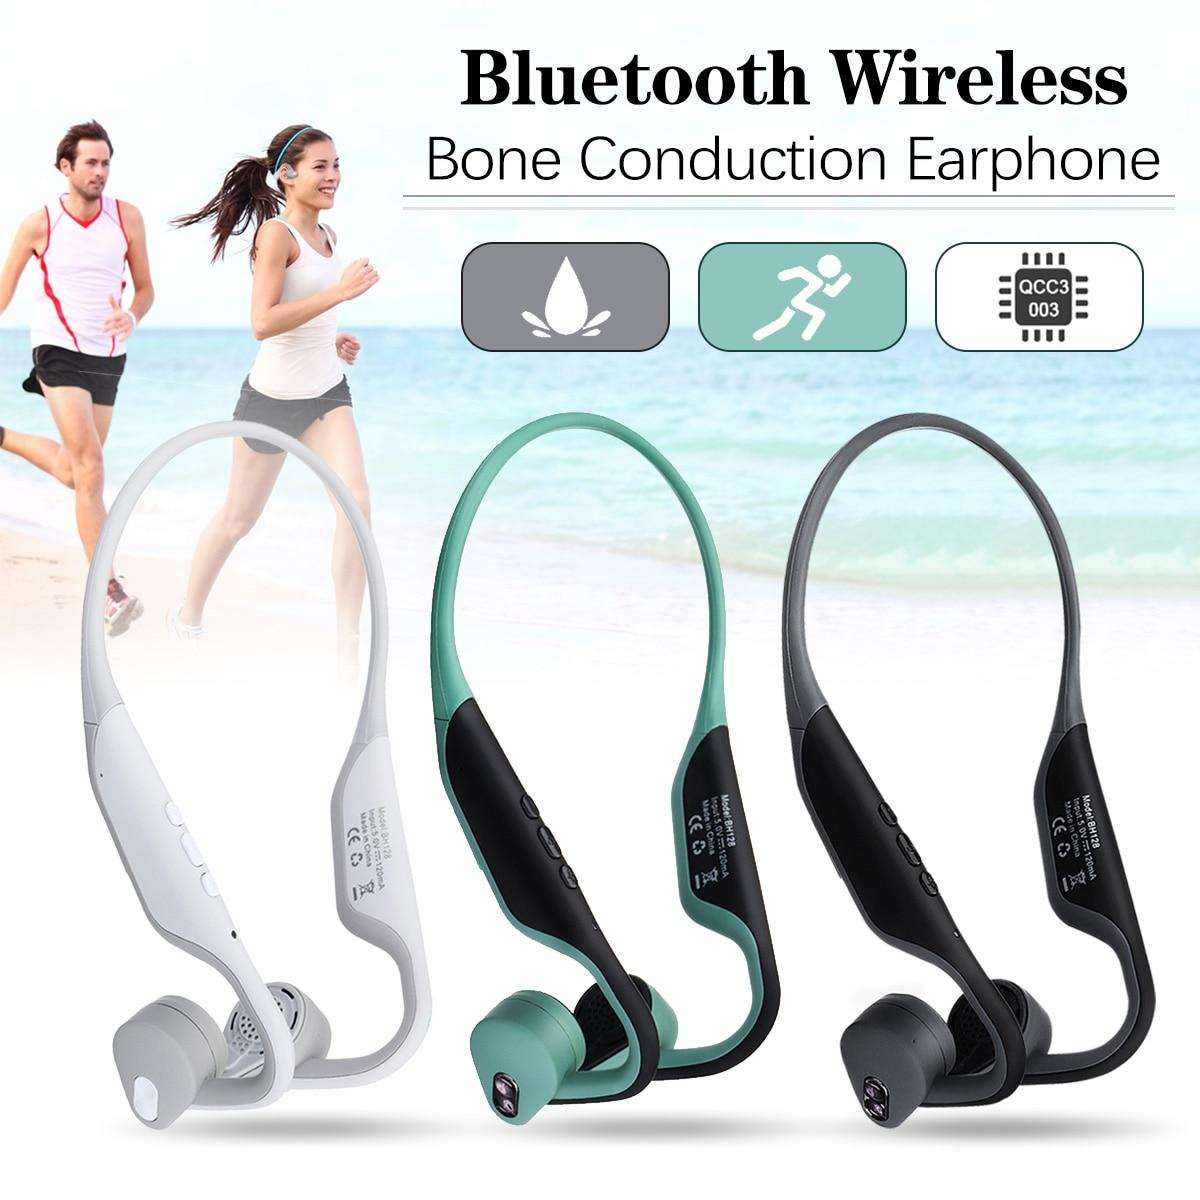 Casque sans fil à Conduction osseuse bluetooth 5.0 casque écouteur stéréo casque